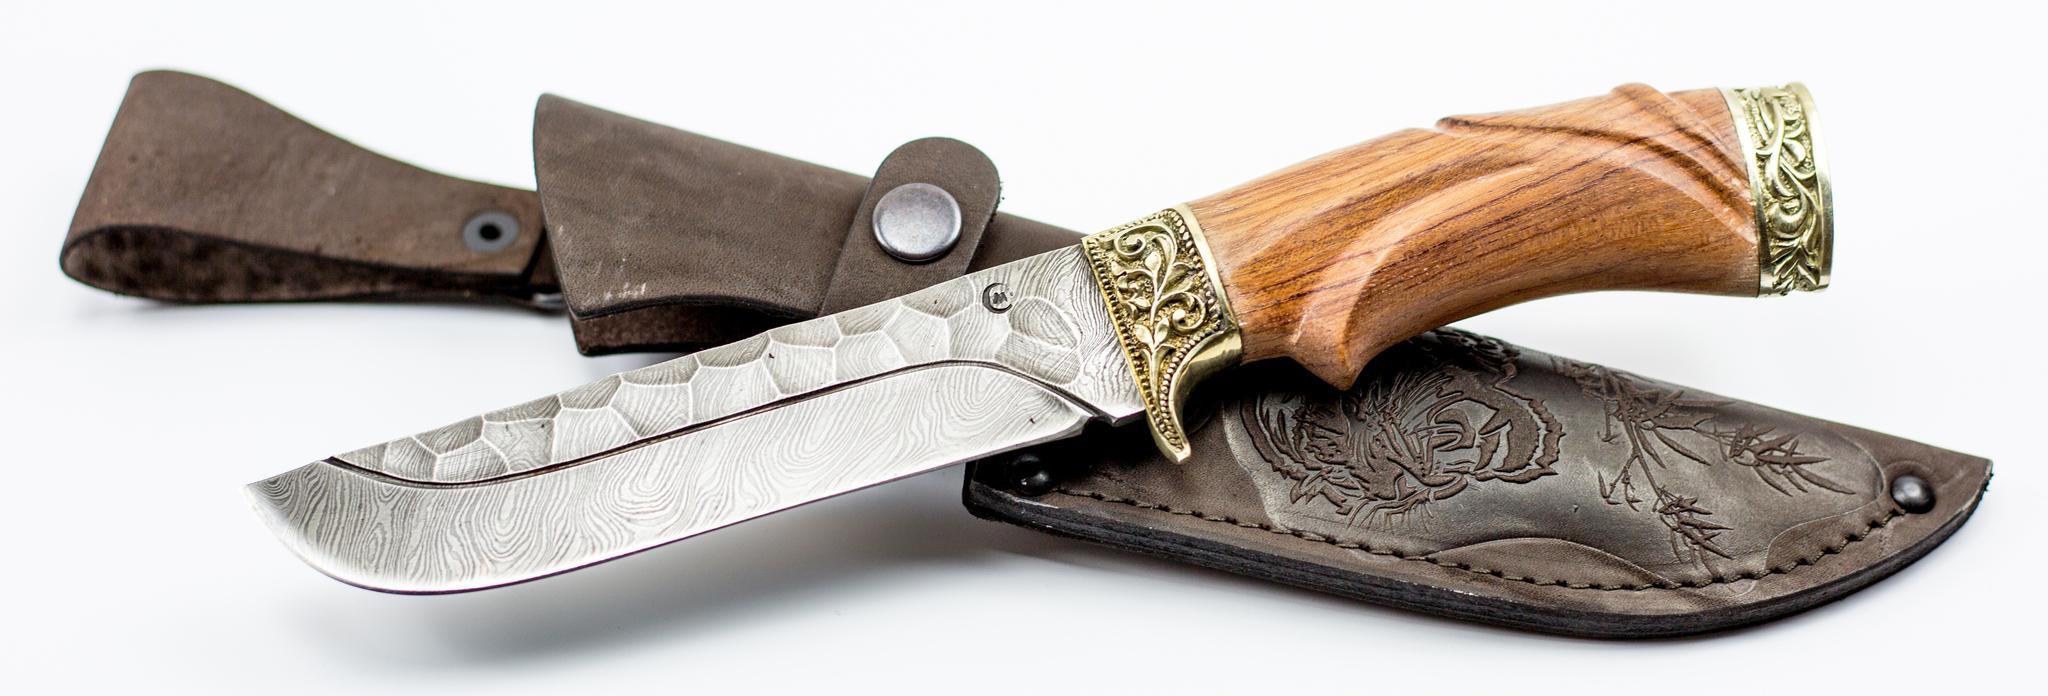 Нож Варяг с резной рукоятью , дамасская сталь , литье  скорпионНожи Ворсма<br>Необычная форма ножа «Варяг» привлекает внимание. С первого взгляда становится понятно, что данный нож не является оружием. Это сразу заметно по клинку «без острия», у которого угол между обухом и скругленным лезвием составляет более 70 градусов. Лезвие ножа «Варяг» - с прямым обухом, ближняя к острию половина обуха - фальшлезвие без заточки, спуски выполнены по всей длине. Резная рукоять ножа «Скорпион» изготовлена из древесины ценных пород с подпальцевой выемкой. Гарда с двойным ограничителем и тыльник украшены узорным литьем из мельхиора. Уникальная по свойствам дамасская сталь - основа сдержанной красоты кованого ножа «Варяг».<br>